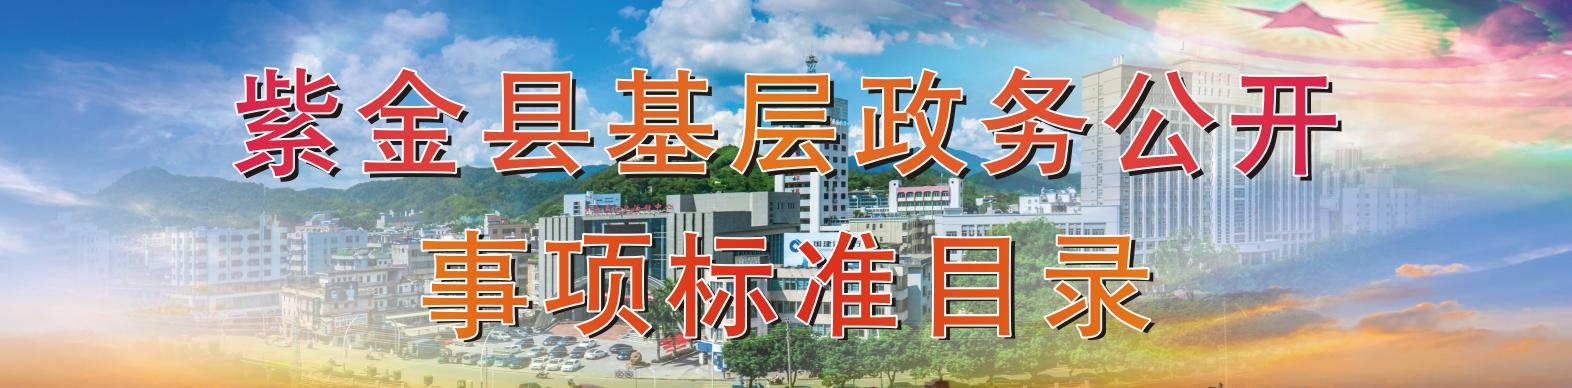 紫金县基层政务公开事项标准目录